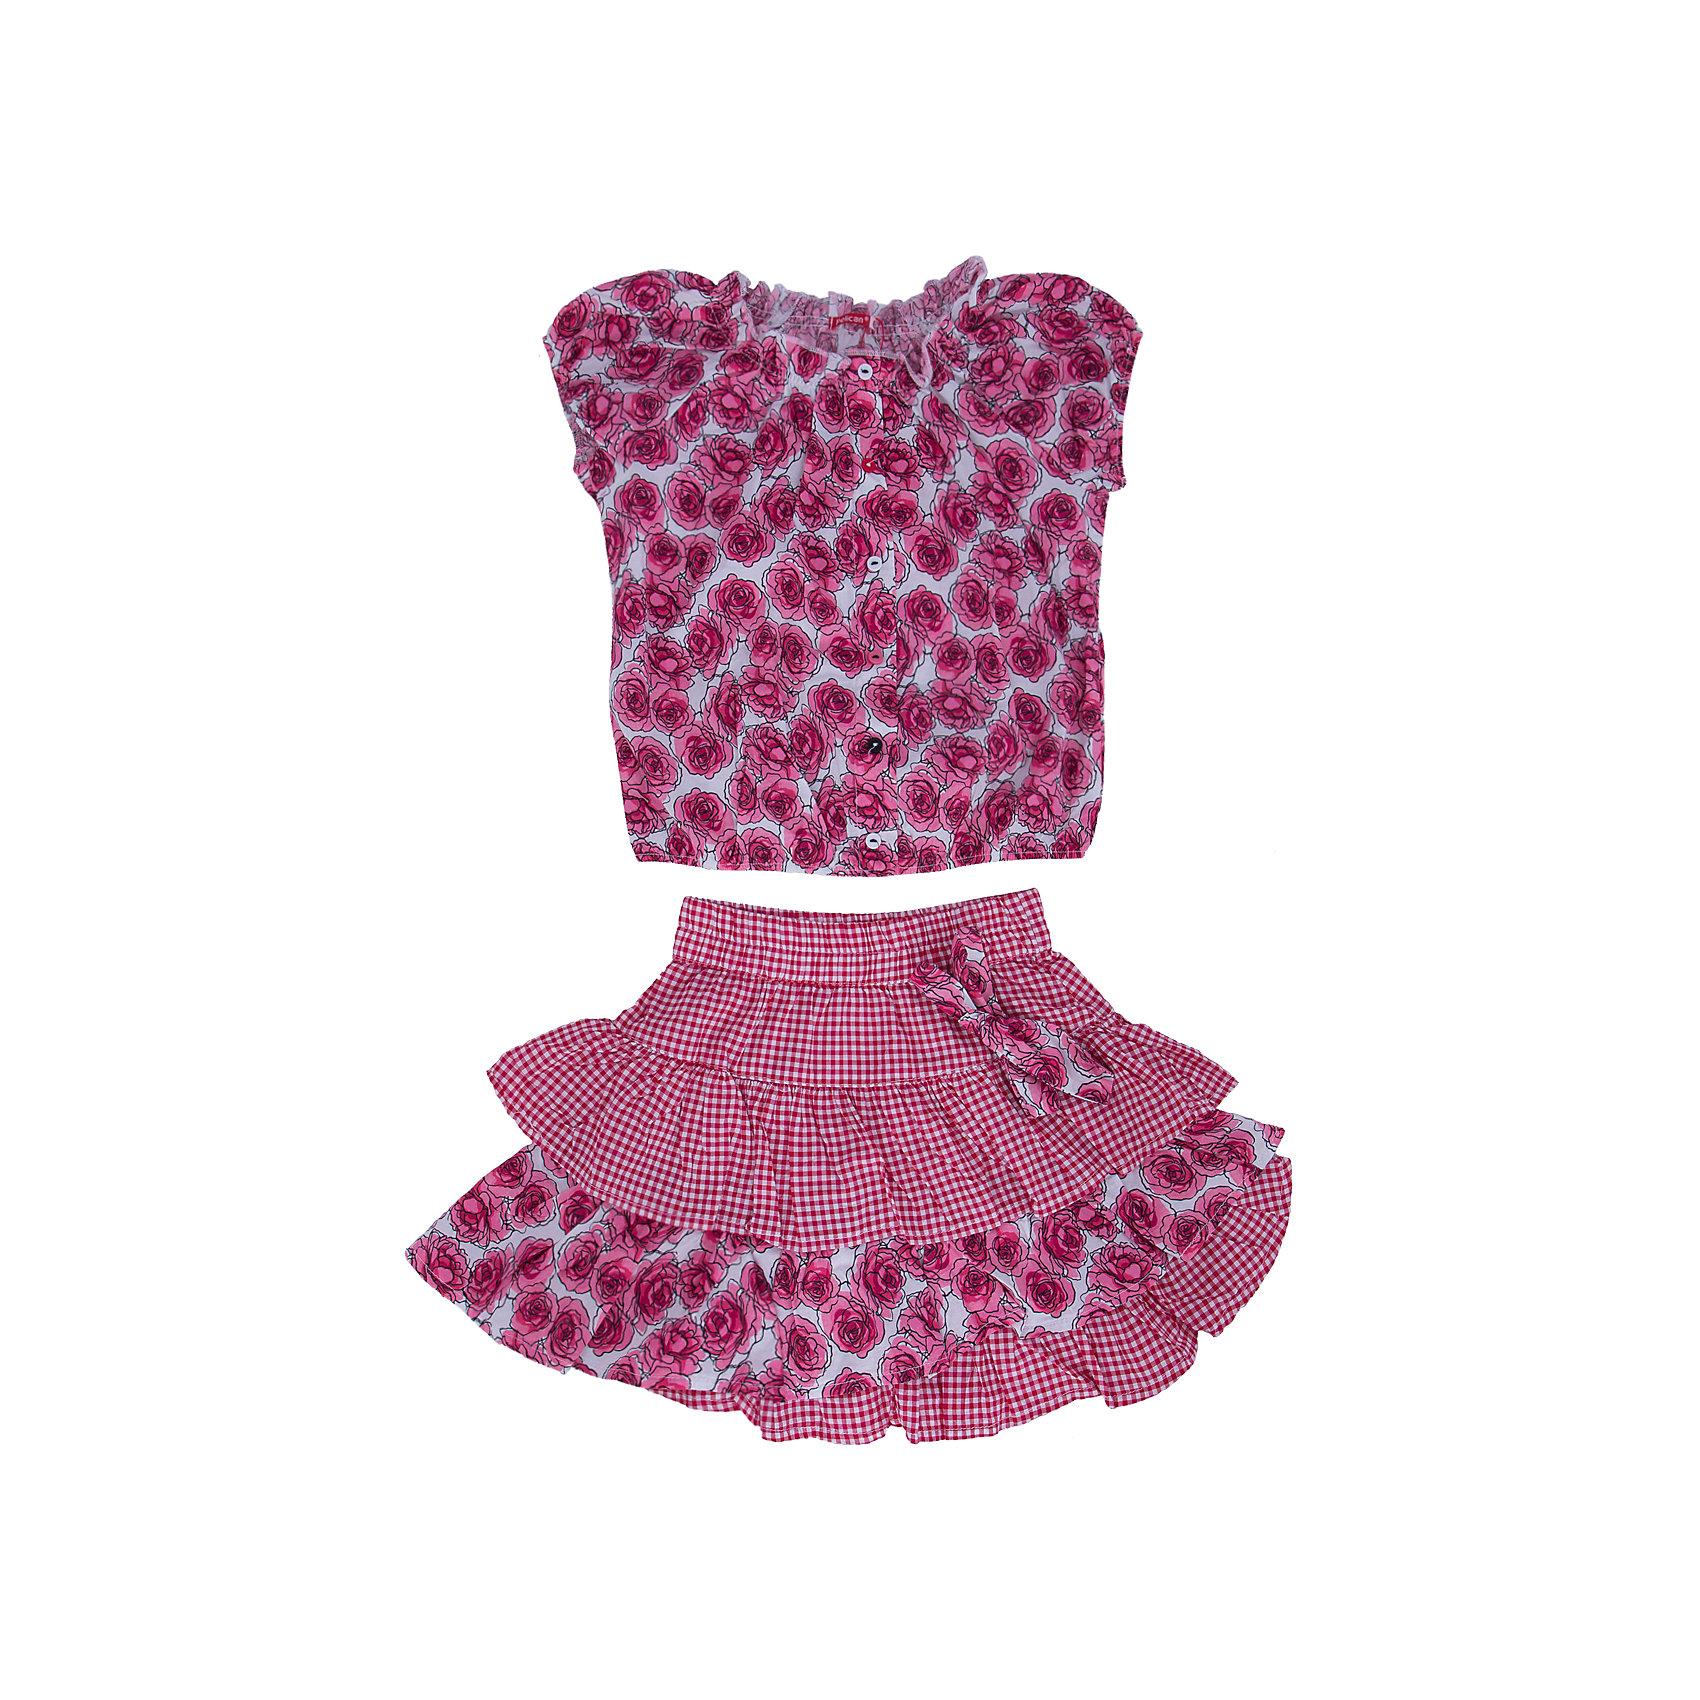 Комплект: блузка и юбка для девочки PELICANКомплекты<br>Стильный комплект для девочки состоит из блузки и юбки. Удобные вещи помогут разнообразить гардероб ребенка, создать подходящий погоде ансамбль. Удобный крой и качественный материал обеспечат ребенку комфорт при ношении этих вещей. <br>Комплект очень стильно смотрится благодаря актуальной в этот сезоне расцветке. Блузка - с модным принтом и короткими рукавами. Юбка украшена воланами и бантом. Материал - легкий, тонкий, отлично подходит для лета, состоит из дышащего натурального хлопка. Очень приятен на ощупь, не вызывает аллергии.<br><br>Дополнительная информация:<br><br>материал: 100% хлопок;<br>цвет: розовый;<br>с принтом;<br>юбка декорирована воланами и бантом.<br><br>Комплект для девочки от бренда PELICAN (Пеликан) можно купить в нашем магазине.<br><br>Ширина мм: 207<br>Глубина мм: 10<br>Высота мм: 189<br>Вес г: 183<br>Цвет: розовый<br>Возраст от месяцев: 24<br>Возраст до месяцев: 36<br>Пол: Женский<br>Возраст: Детский<br>Размер: 98,104,110,116<br>SKU: 4805154